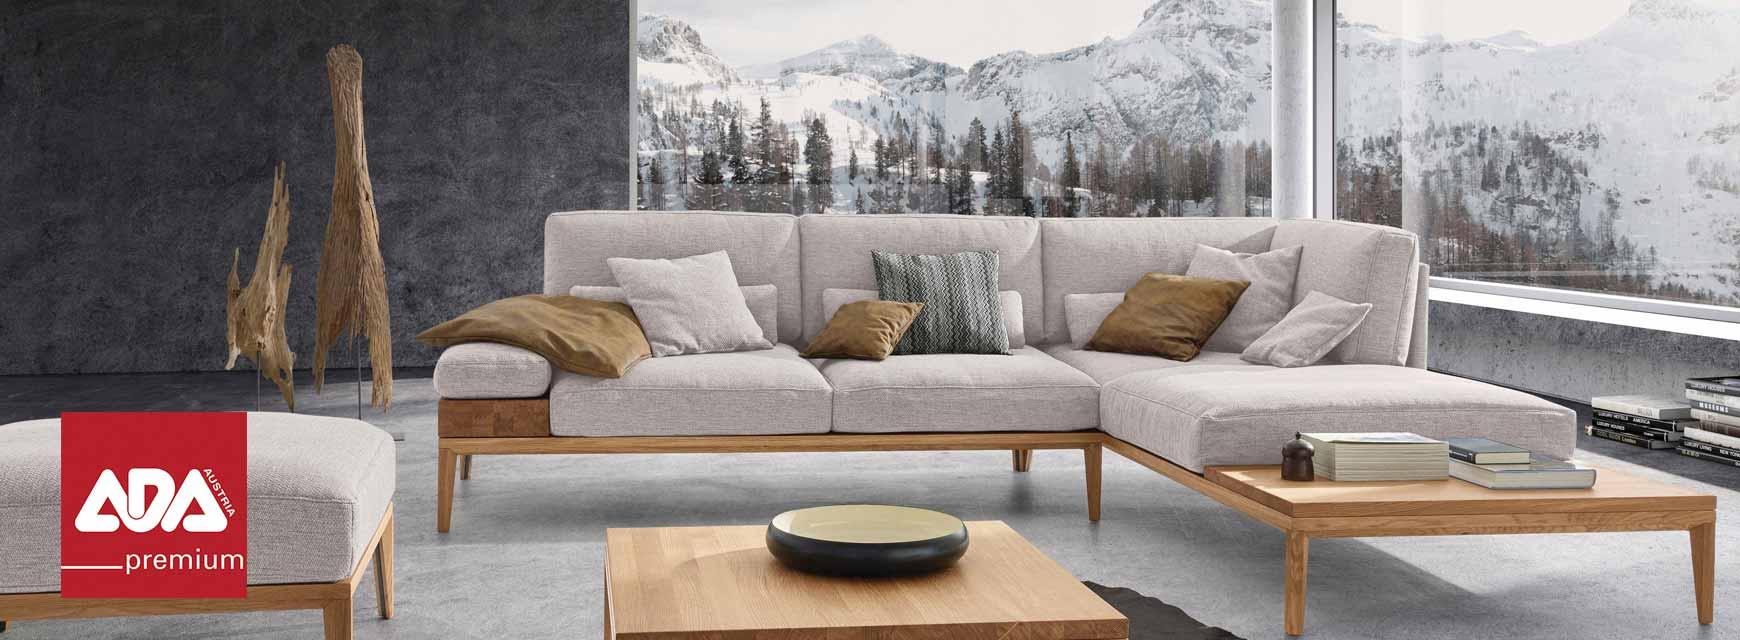 Full Size of Designer Sofa Couch Online Kaufen Cnouchde Büffelleder 3 Teilig Dauerschläfer Günstig Verkaufen 2 Sitzer Mit Schlaffunktion L Bezug Innovation Berlin Wohnzimmer Dauerschläfer Sofa Günstig